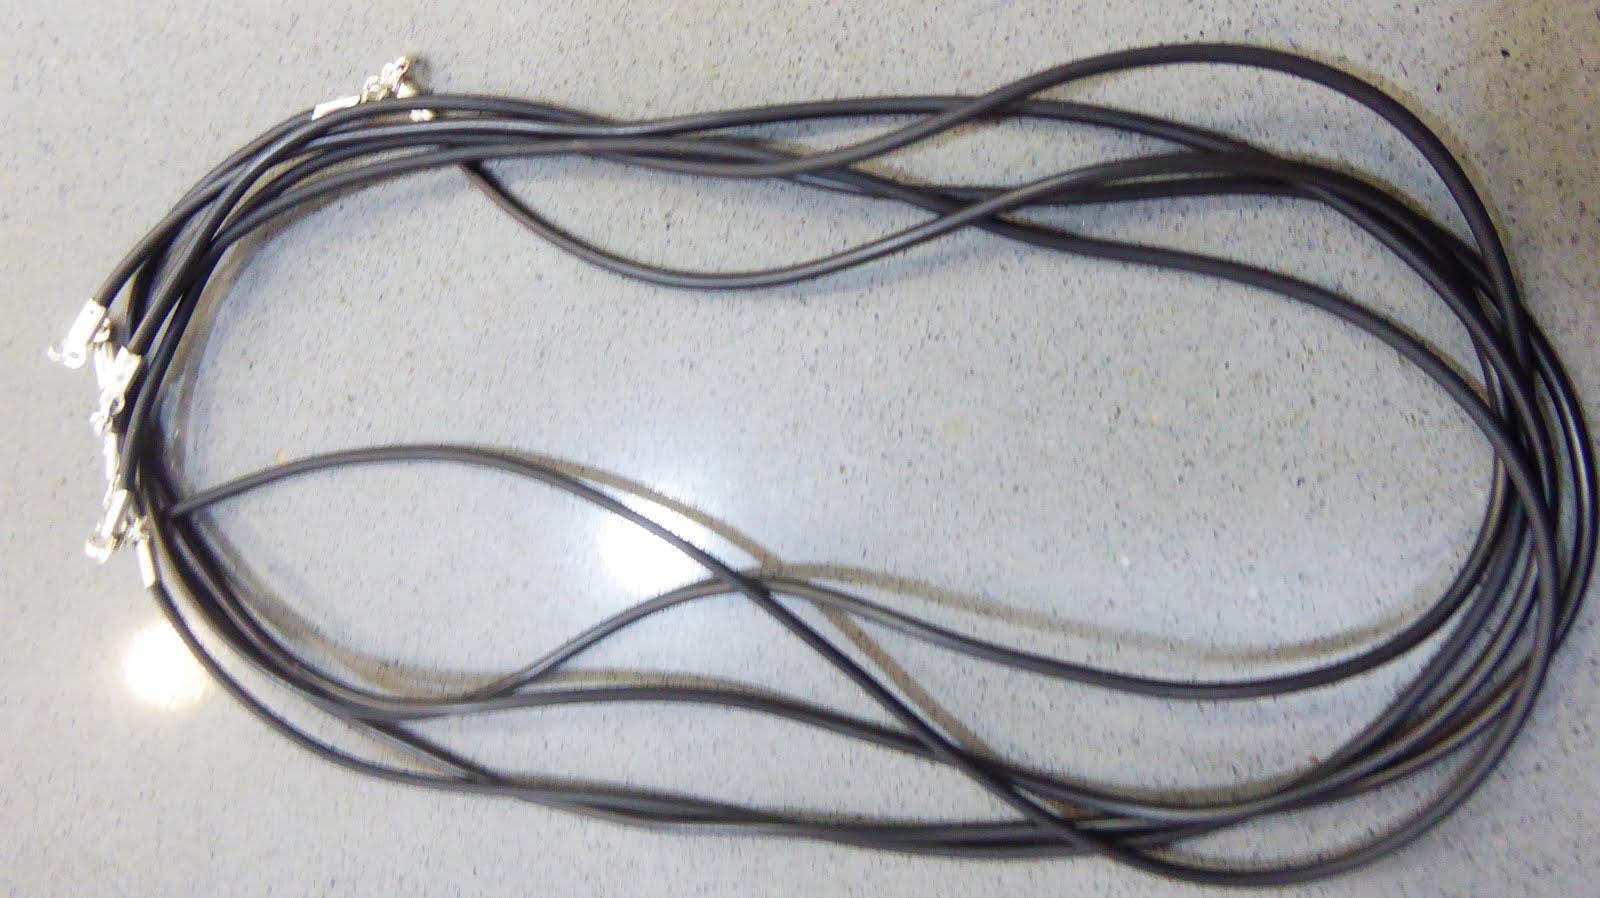 Cordones de caucho con terminales de plata